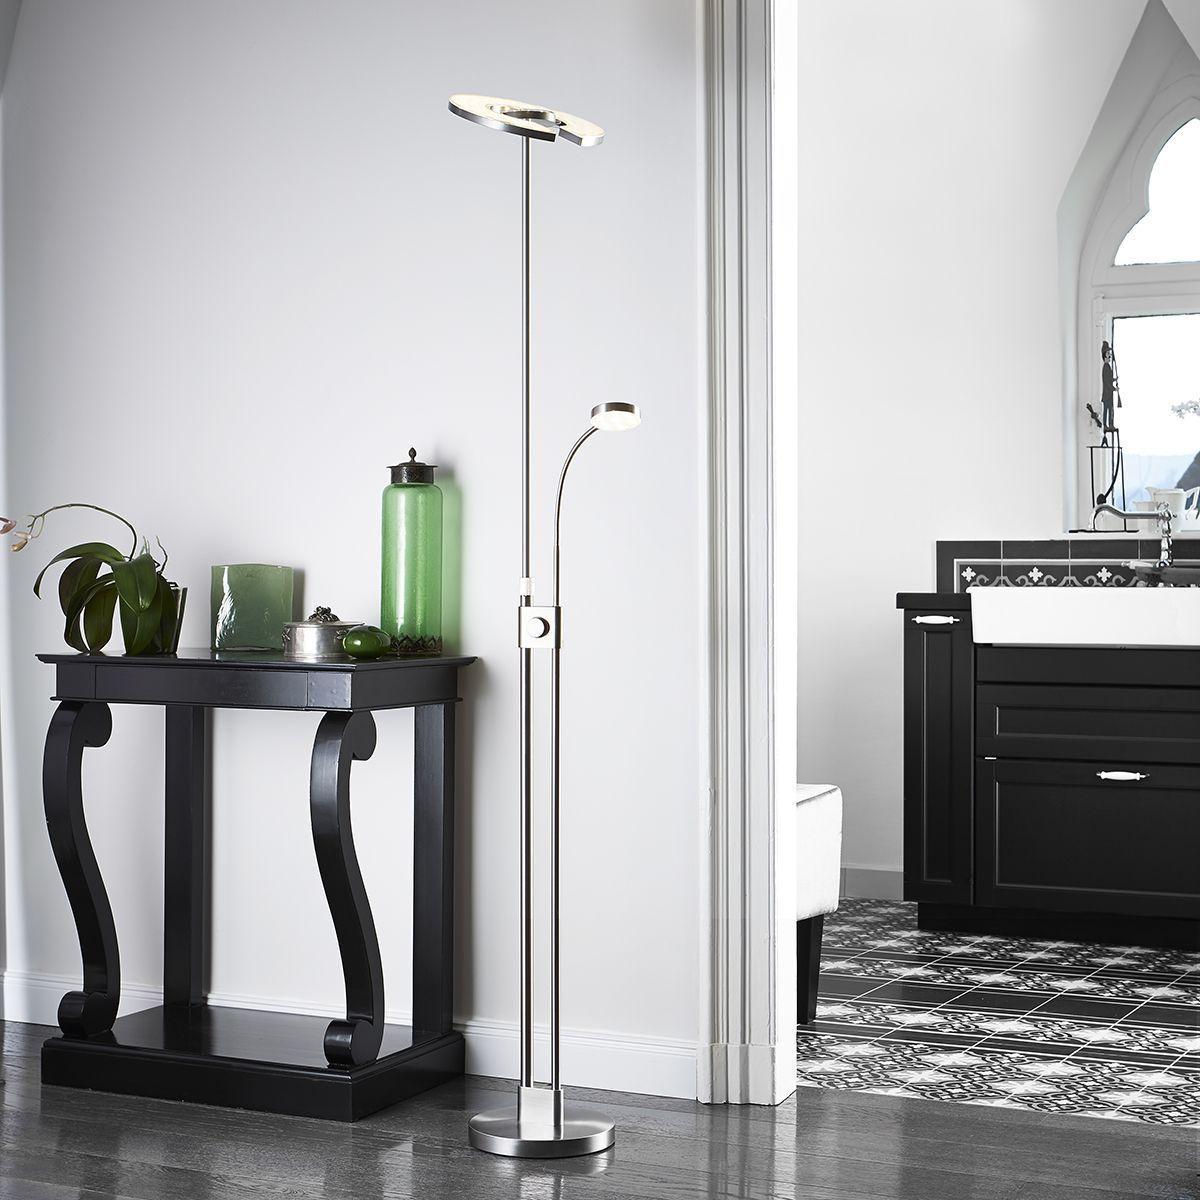 led stehleuchte stehlampe mit leseleuchte deckenfluter. Black Bedroom Furniture Sets. Home Design Ideas